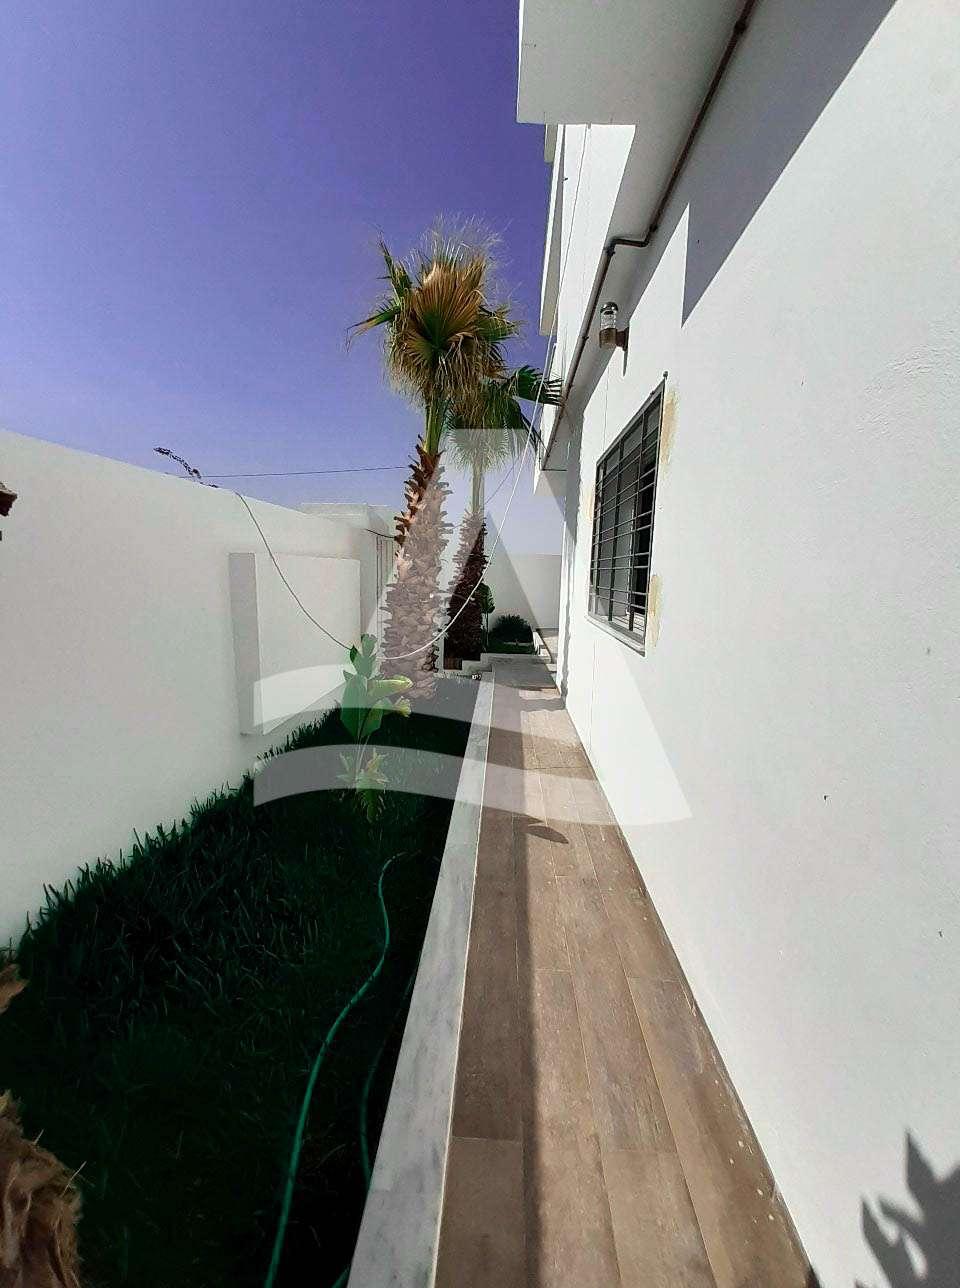 httpss3.amazonaws.comlogimoaws15605808891601644433Appartement_Gammarth_Tunisie_-